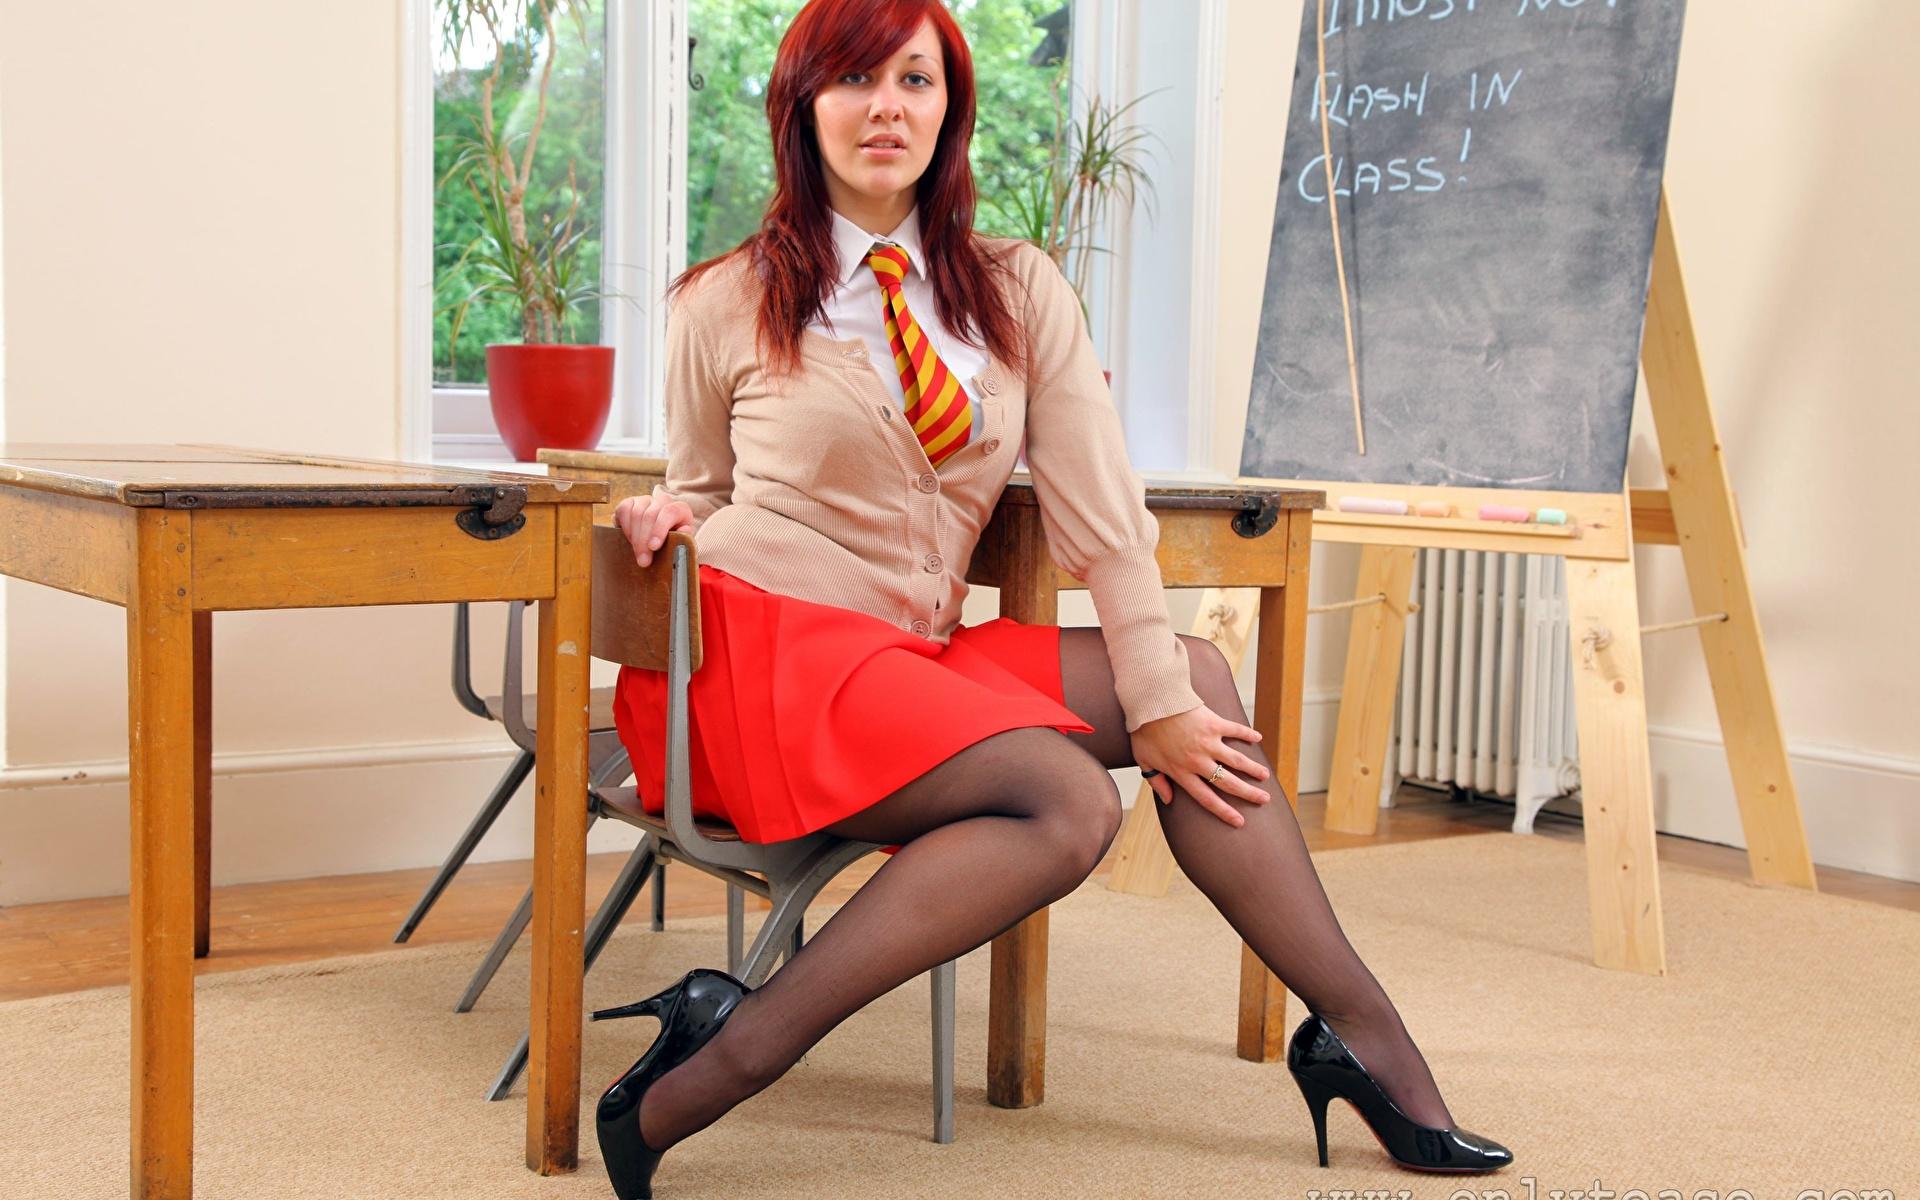 Трахнул офигенную училку, Секс с училкой - учись сексу в Порно с Училкой онлайн! 19 фотография